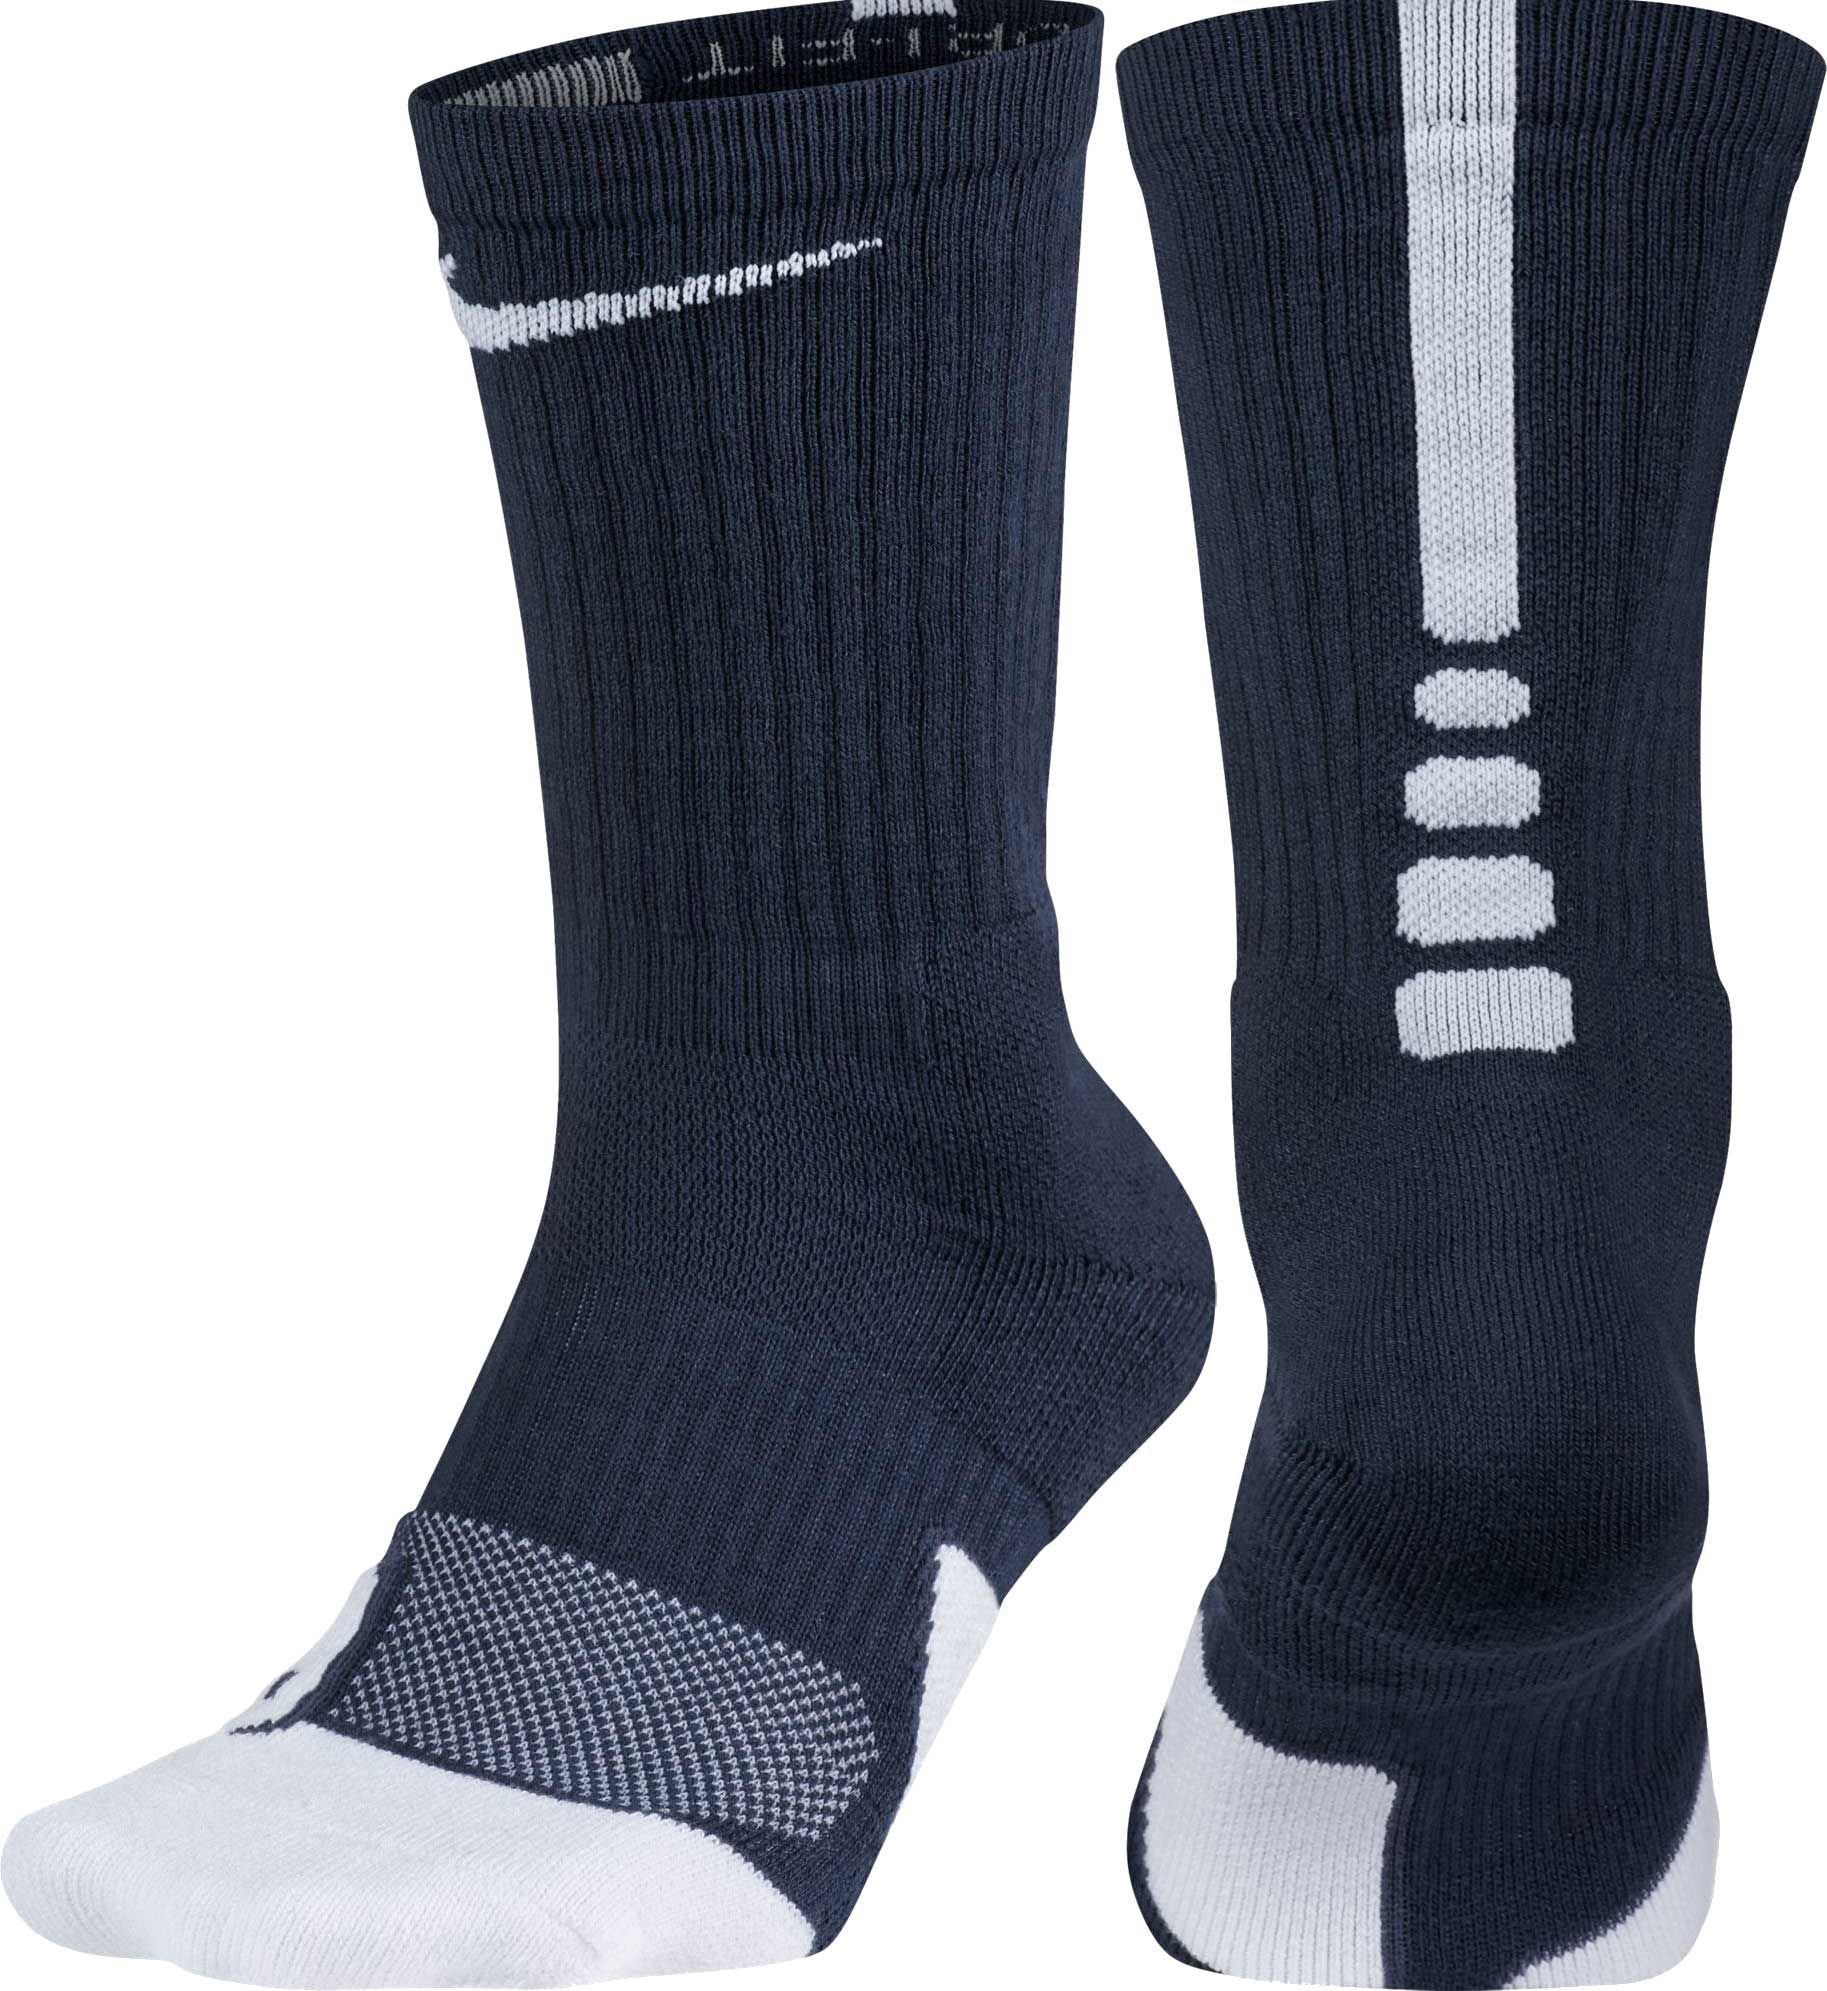 Nike Chaussettes Enfants Élite Dc Manchester en ligne prix des ventes tW5HVJ8